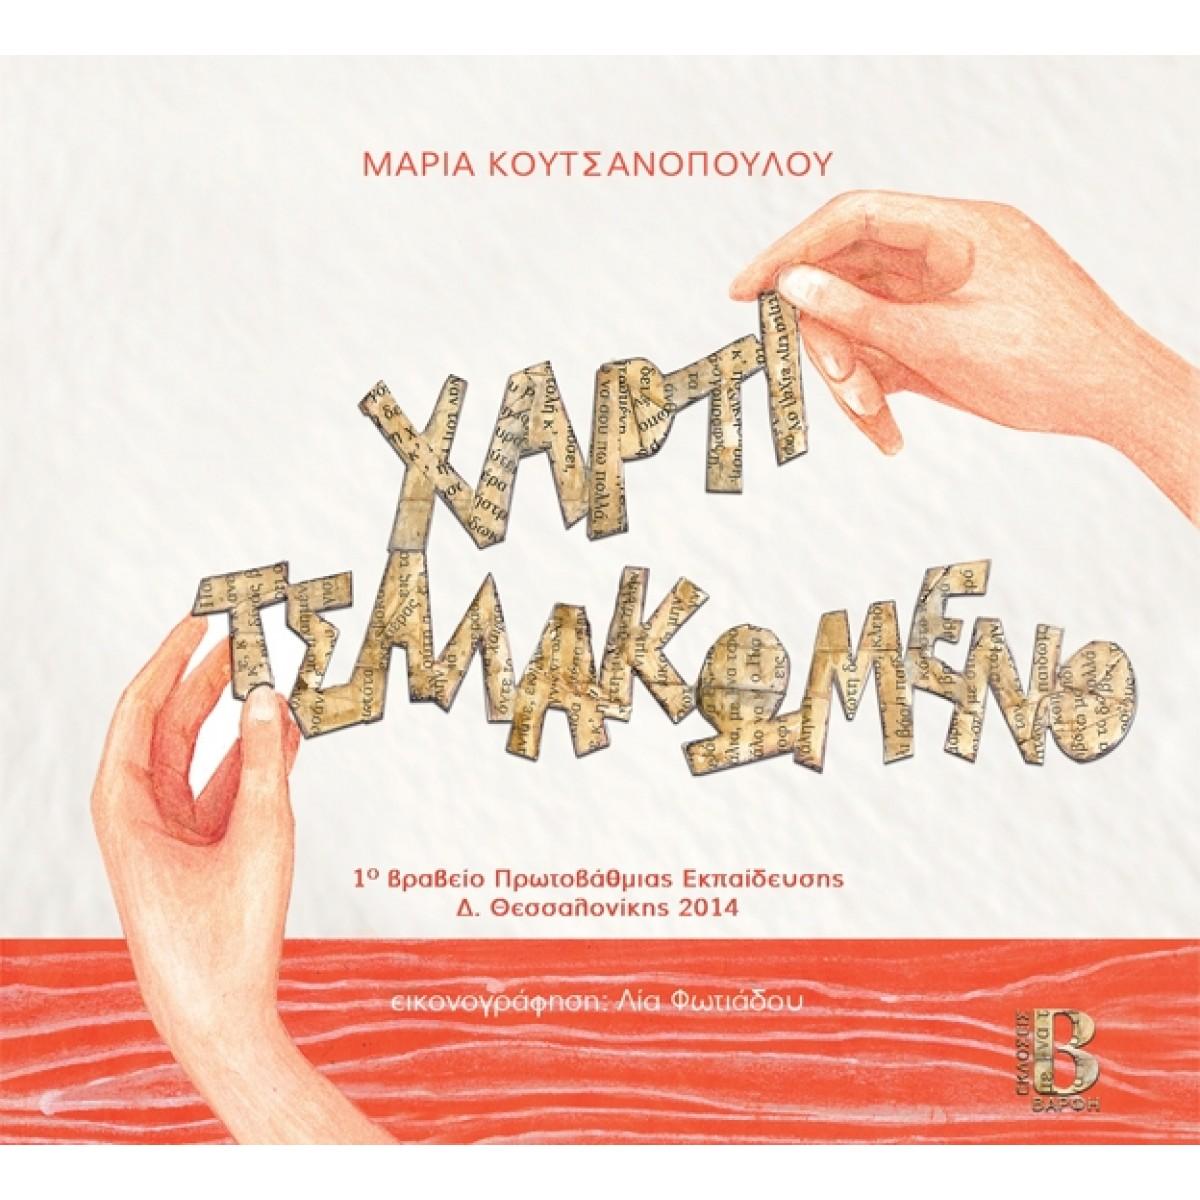 ΧΑΡΤΙ ΤΣΑΛΑΚΩΜΕΝΟ Παιδικά Βιβλία